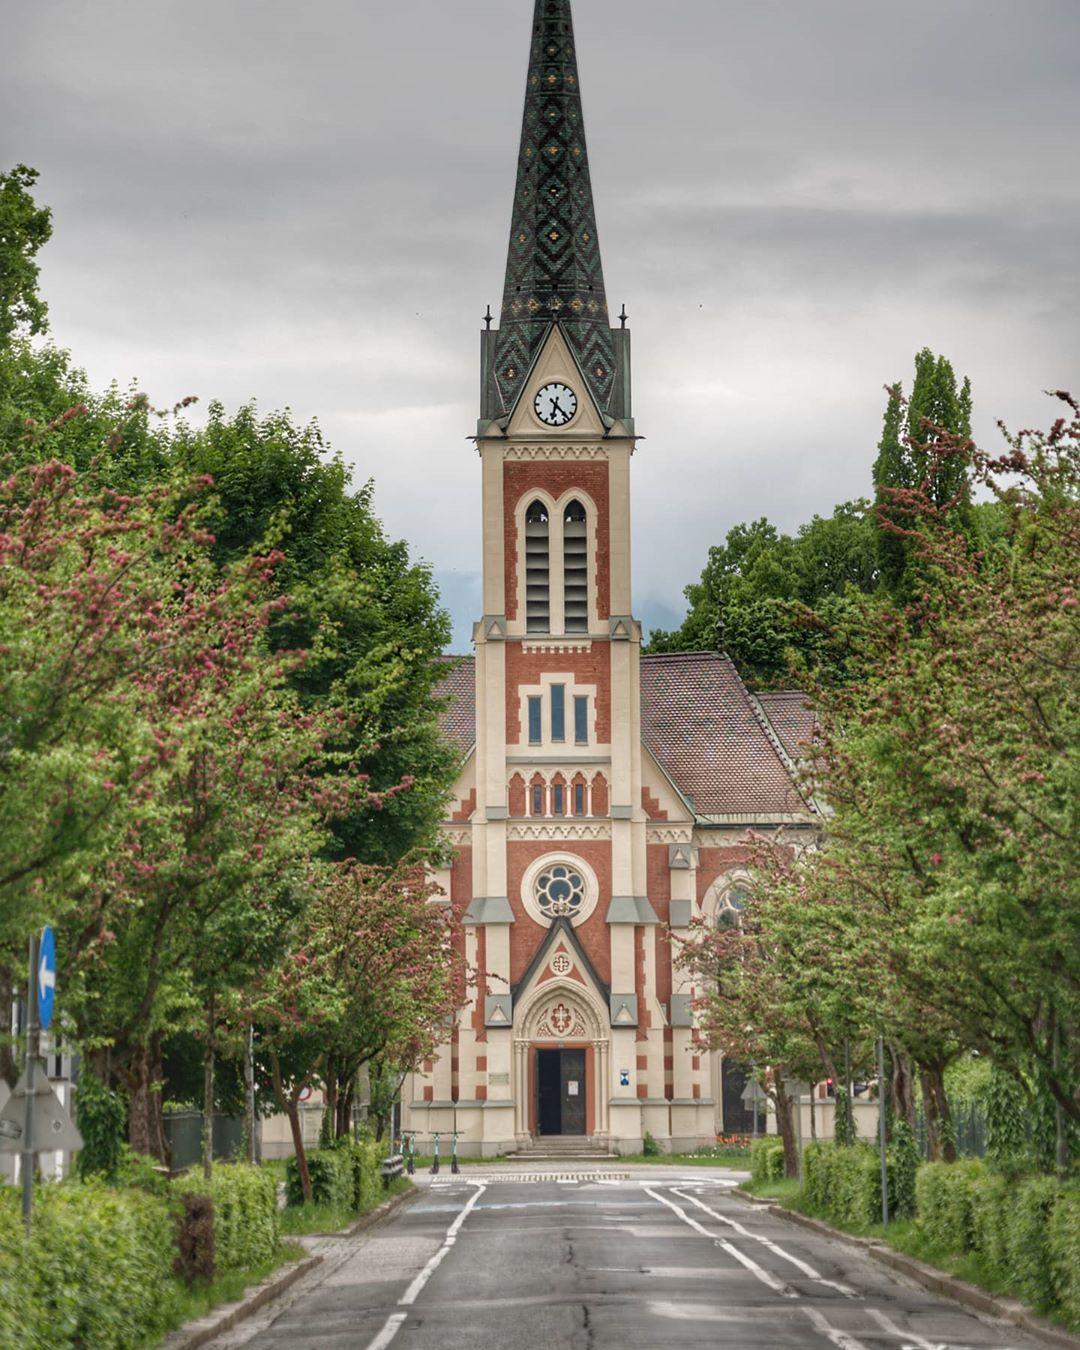 Evangelical church in Villach